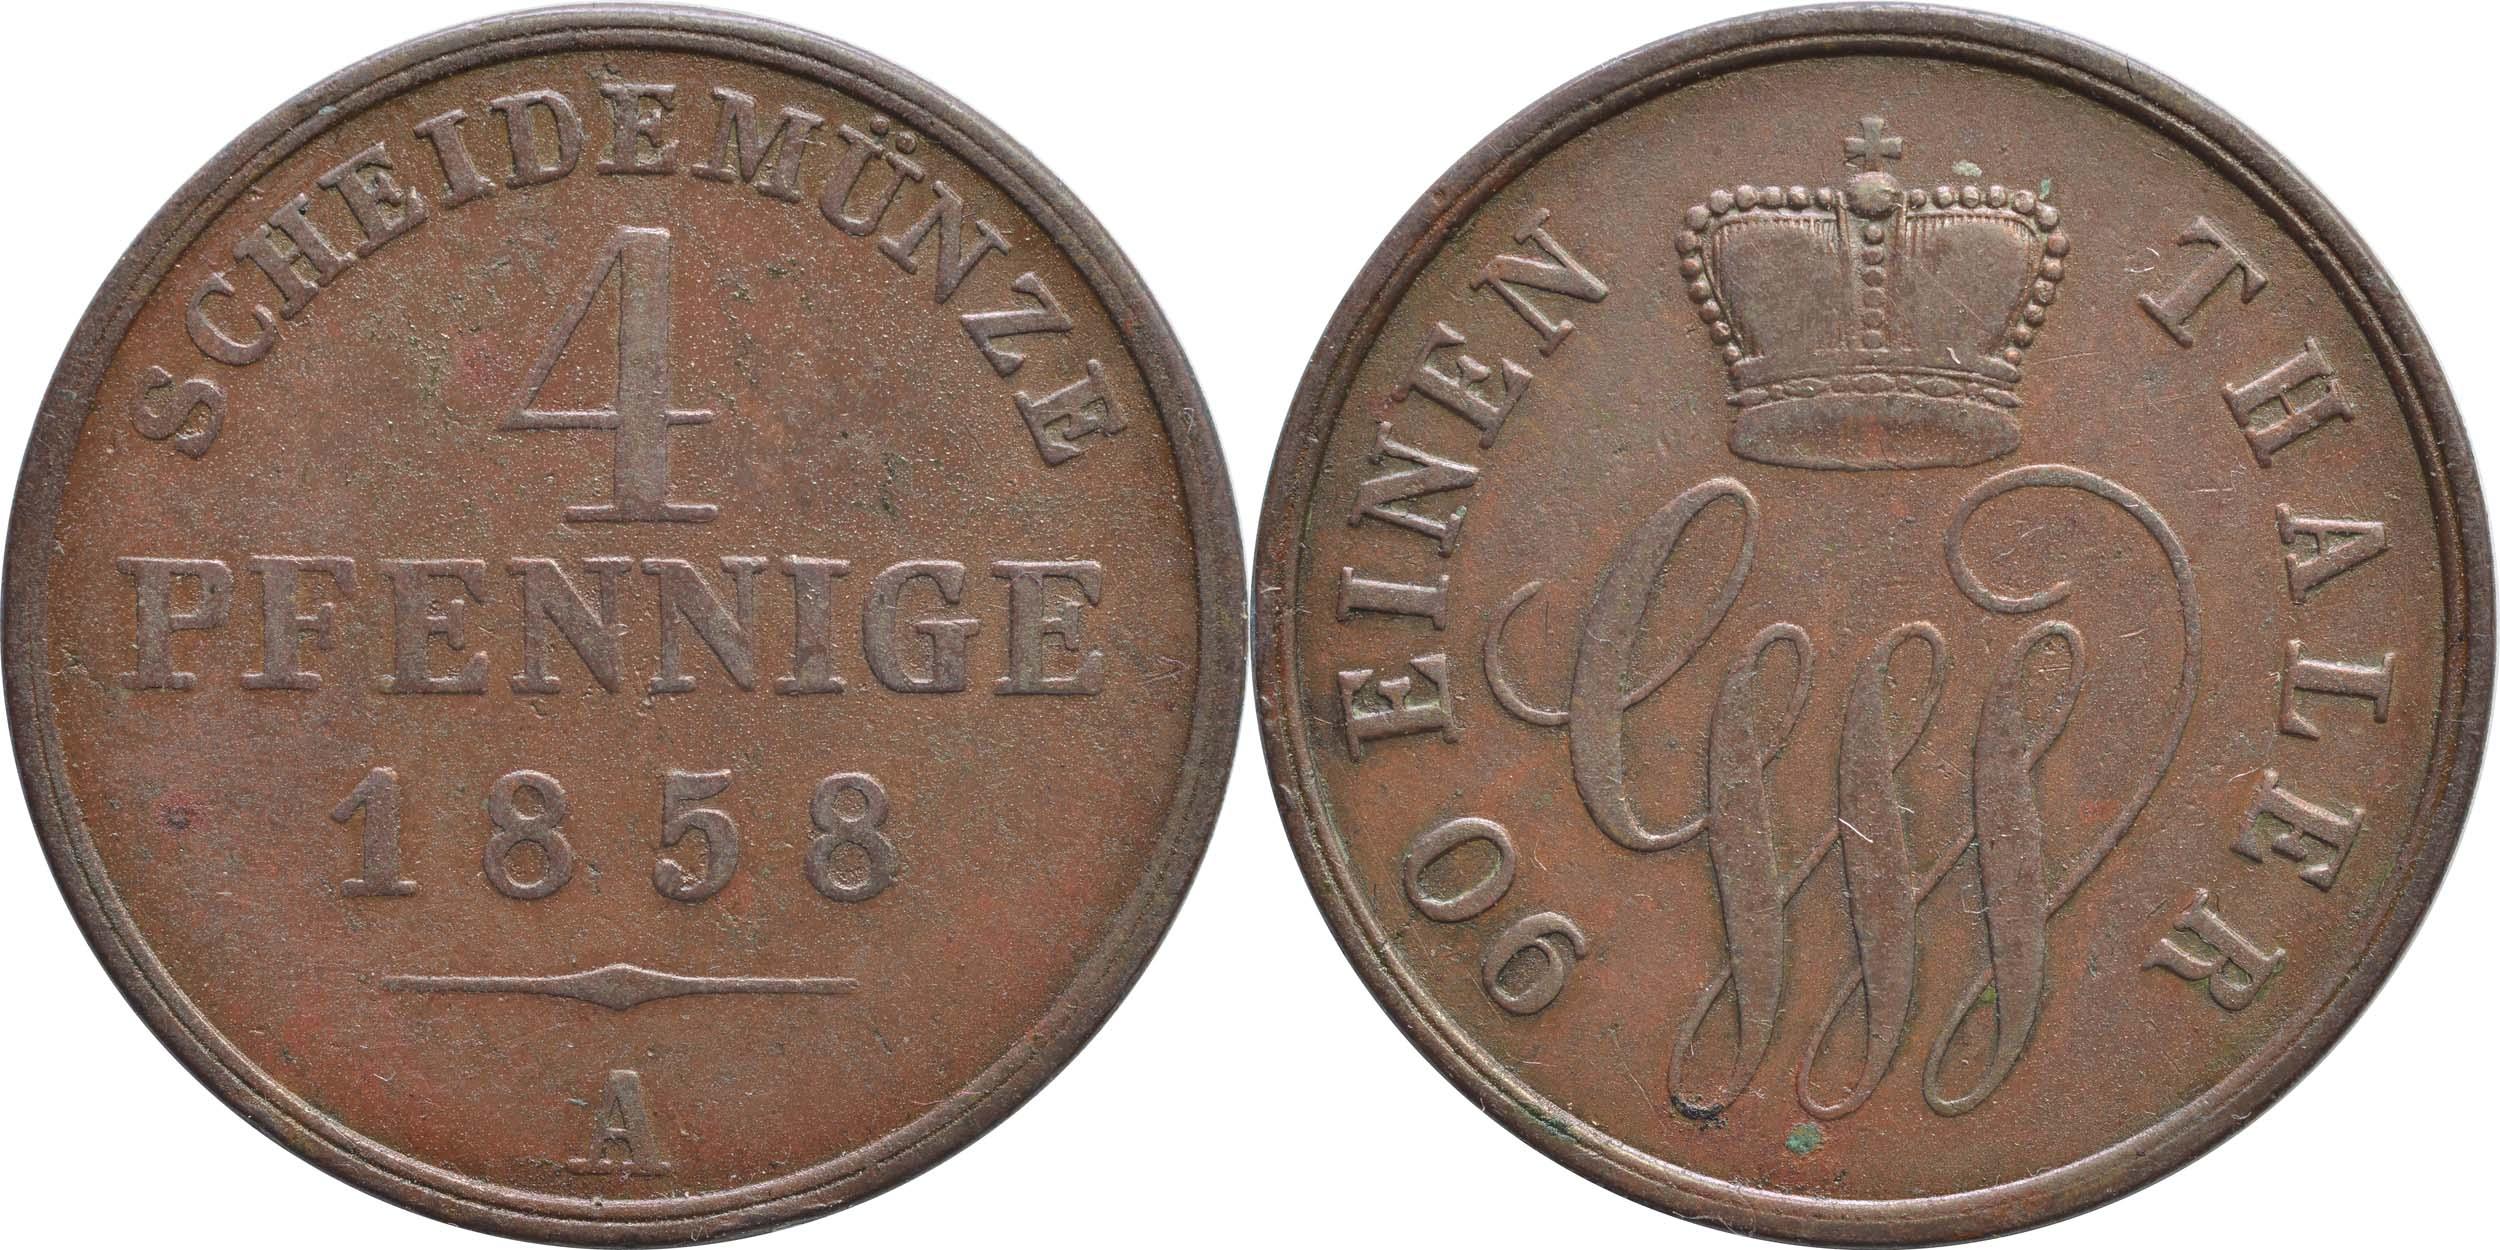 Lieferumfang:Deutschland : 4 Pfennnig   1858 vz.